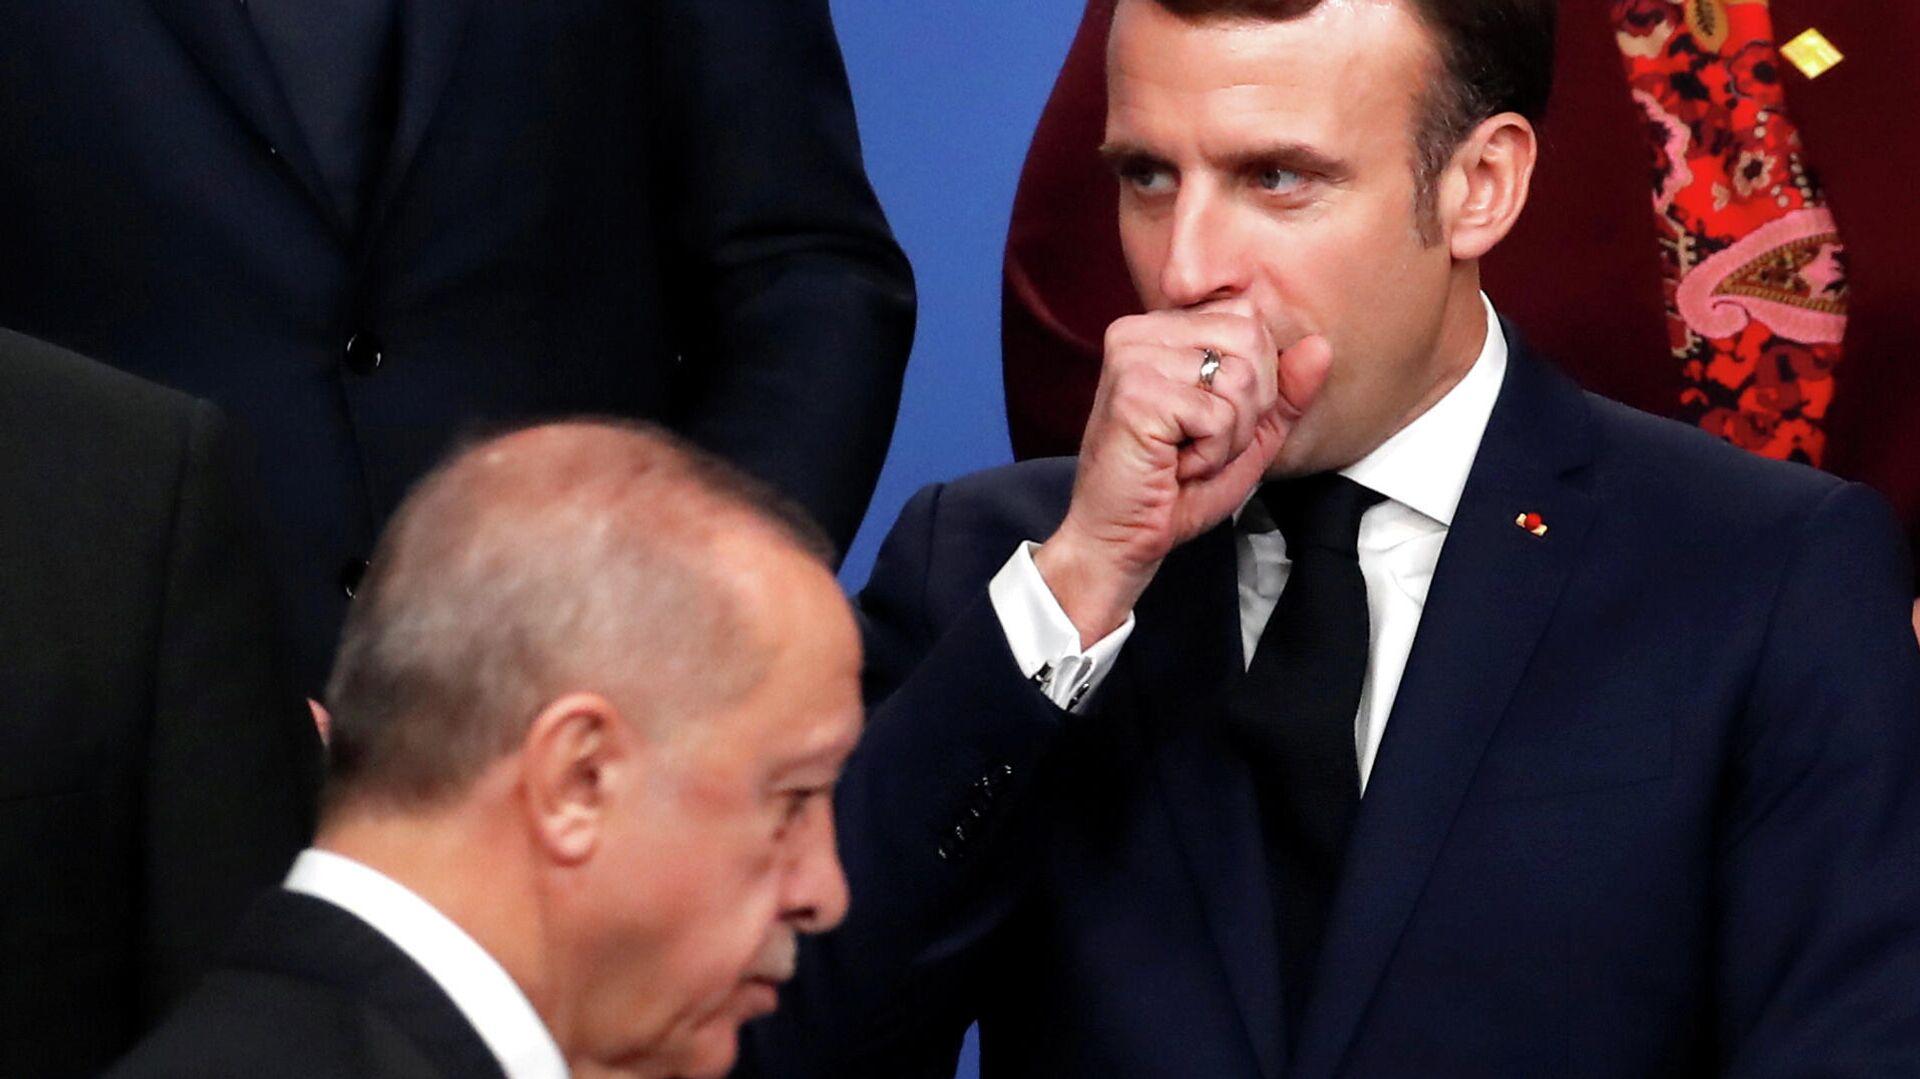 El presidente de Francia, Emmanuel Macron, y el presidente de Turquía, Recep Tayyip Erdogan - Sputnik Mundo, 1920, 29.03.2021